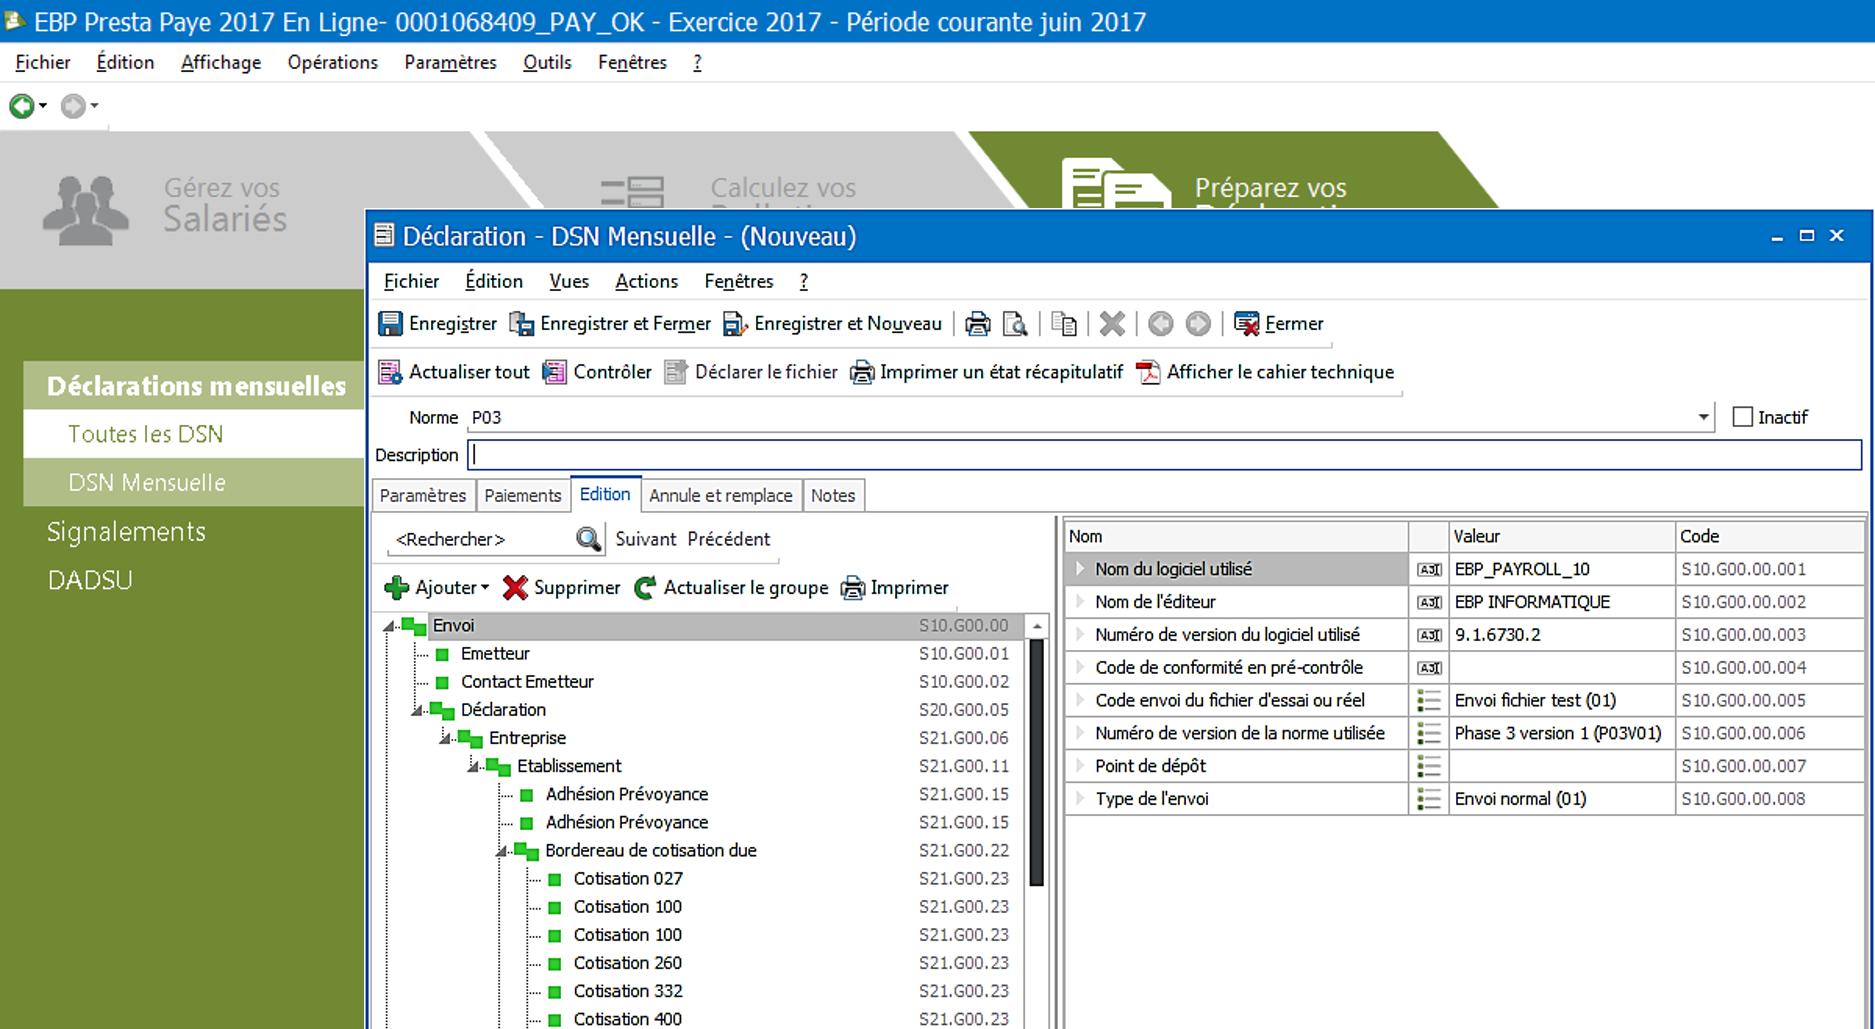 Outil intégré au logiciel permet de réaliser un contrôle de votre DSN en automatique